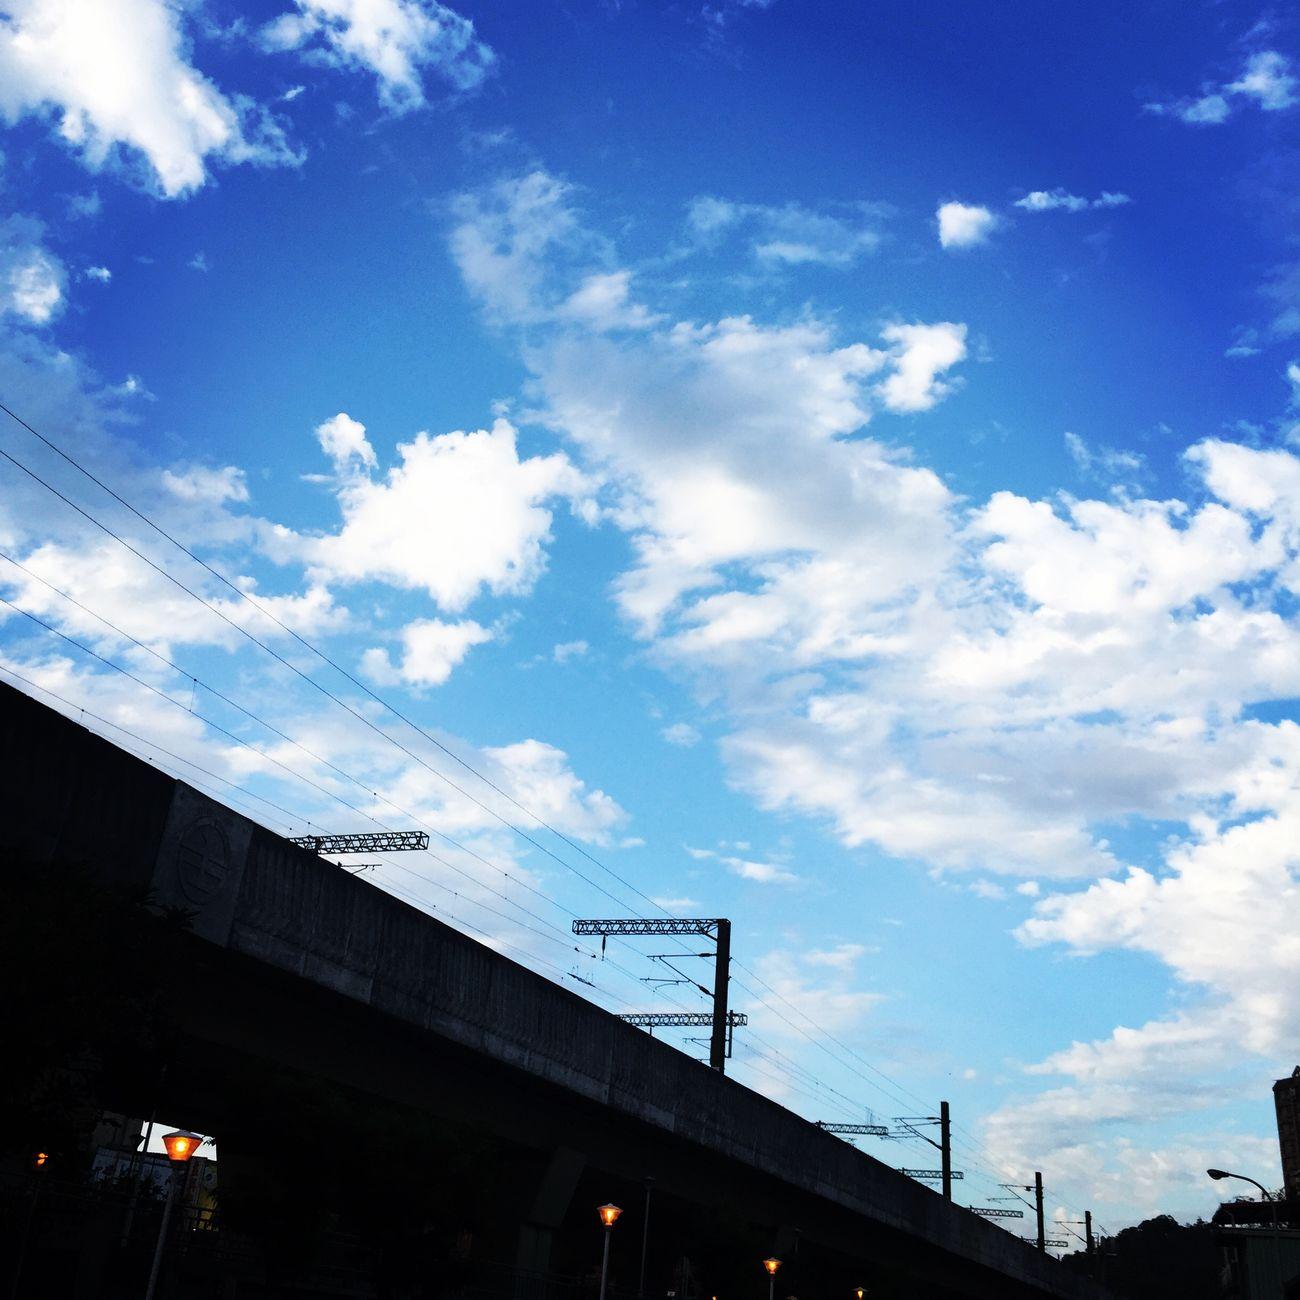 久違的藍天白雲